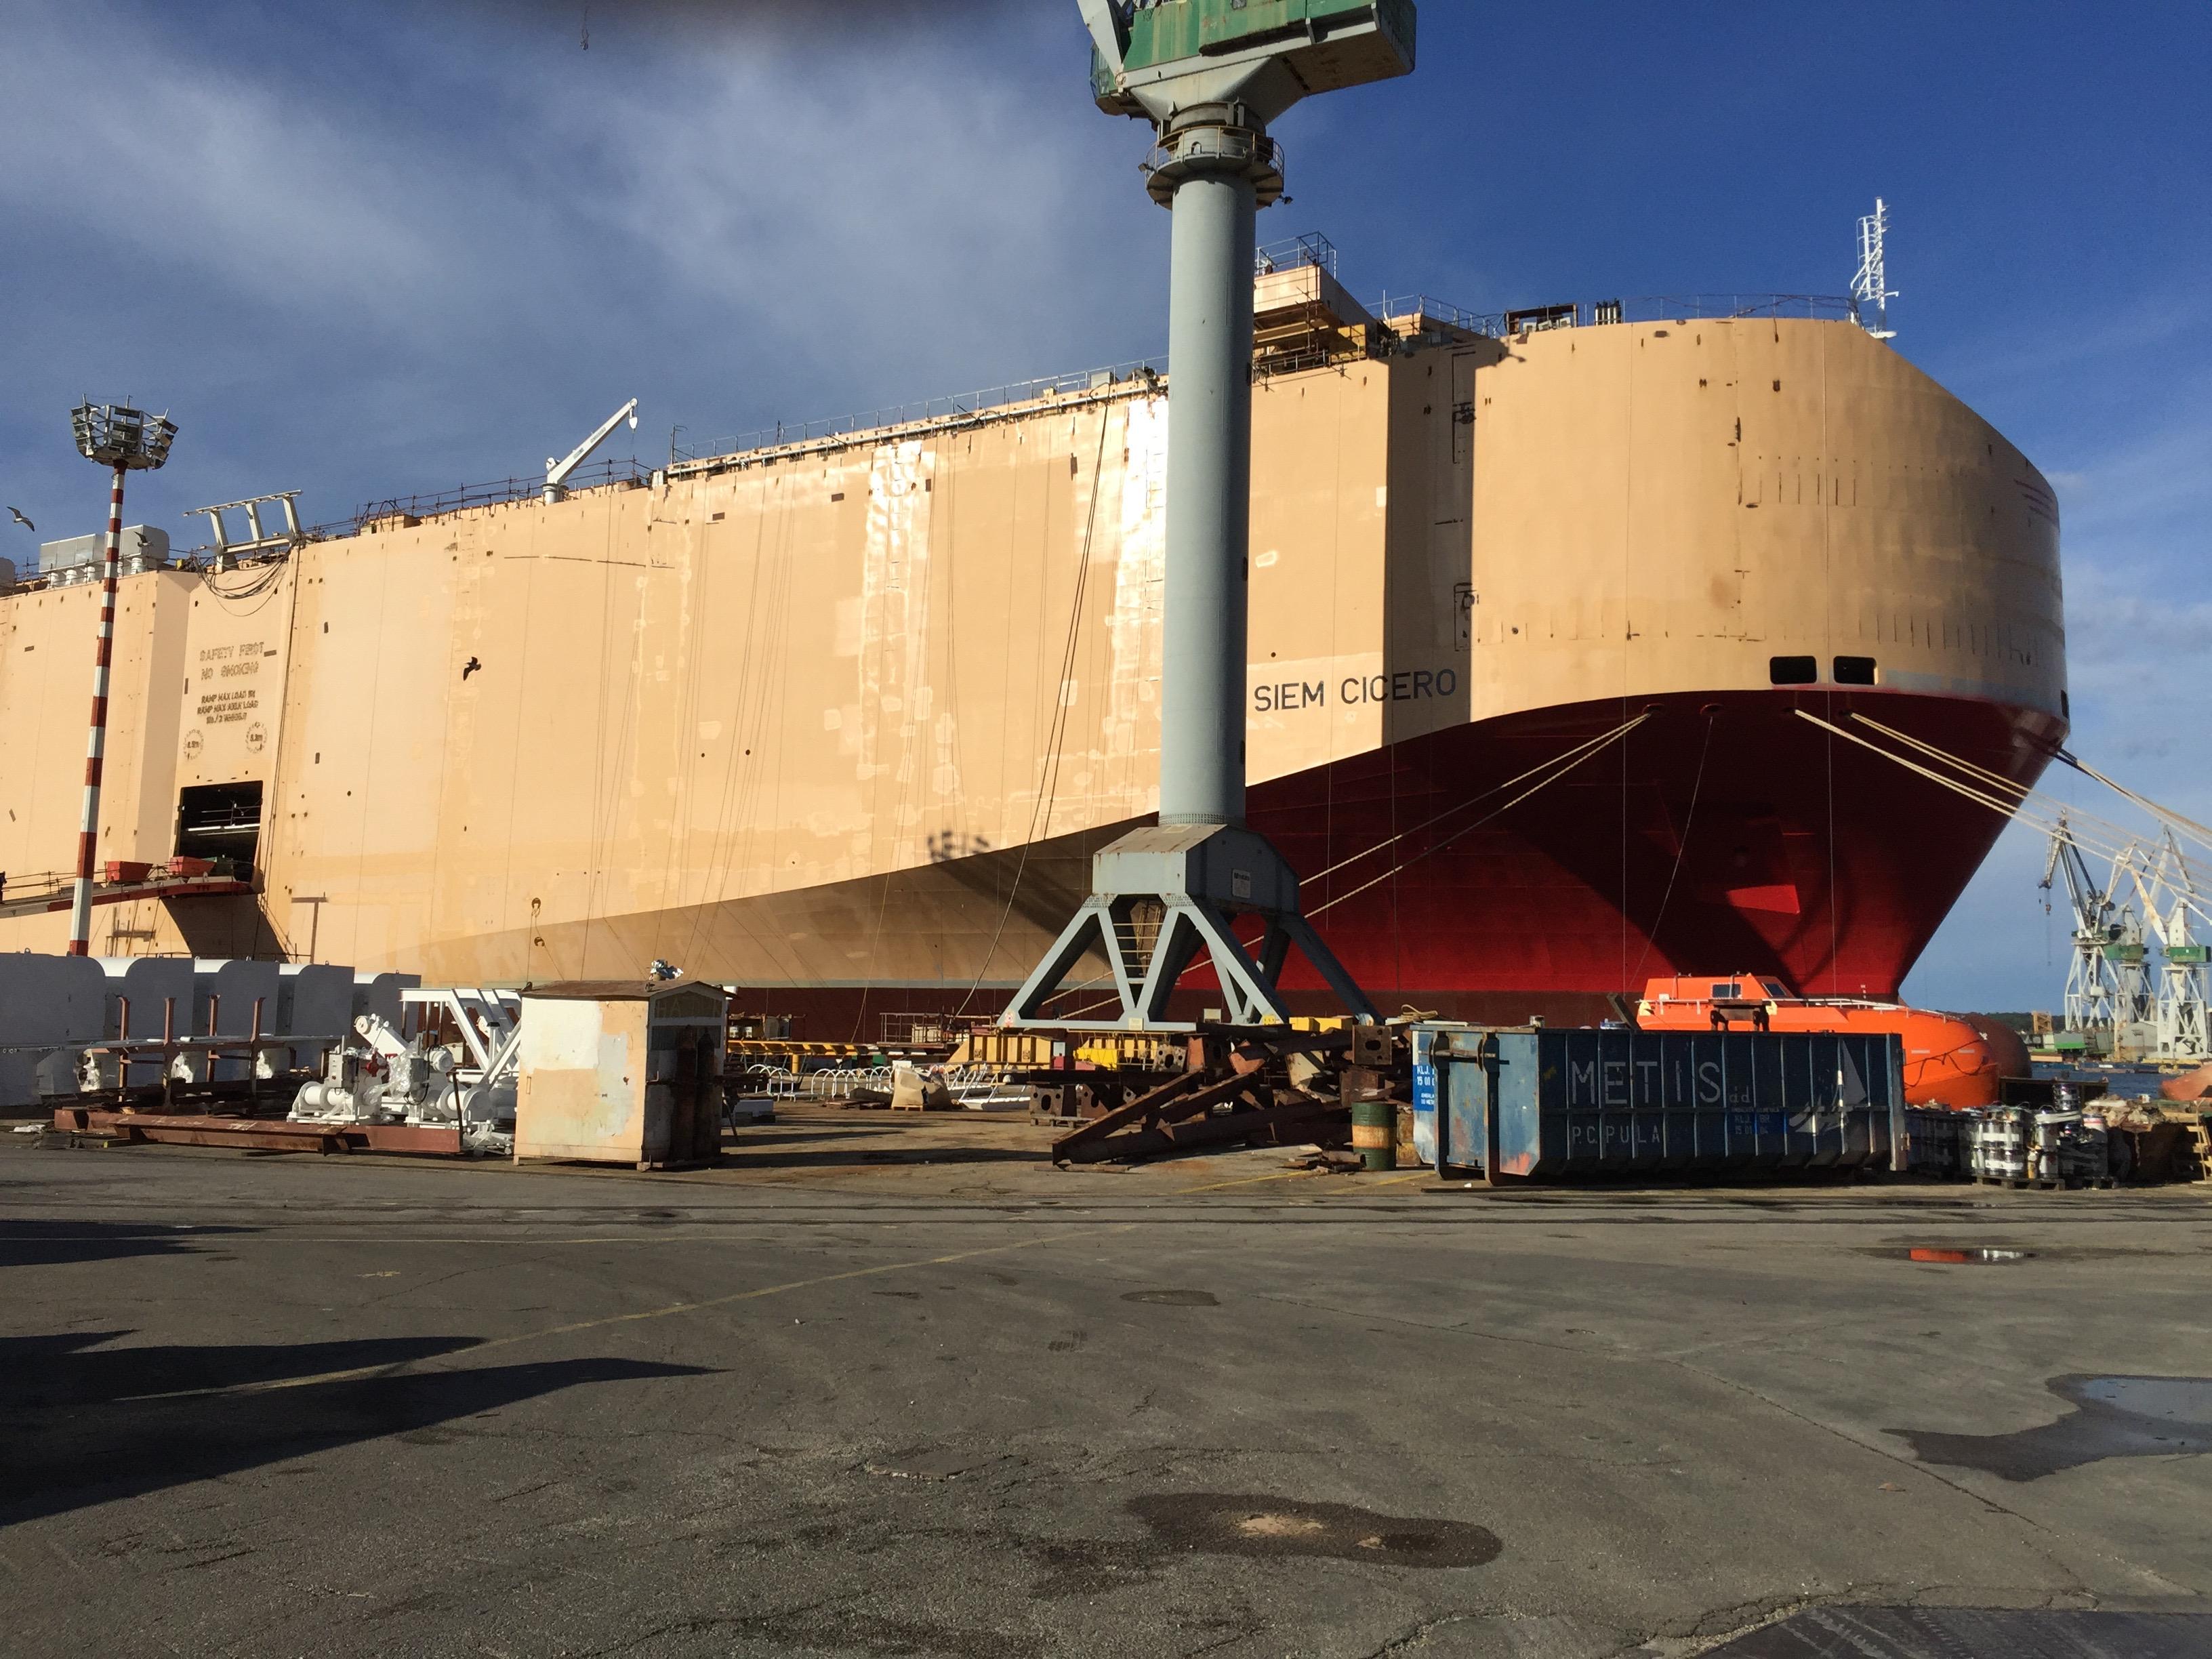 Seim Cicero (Cargo Ship)